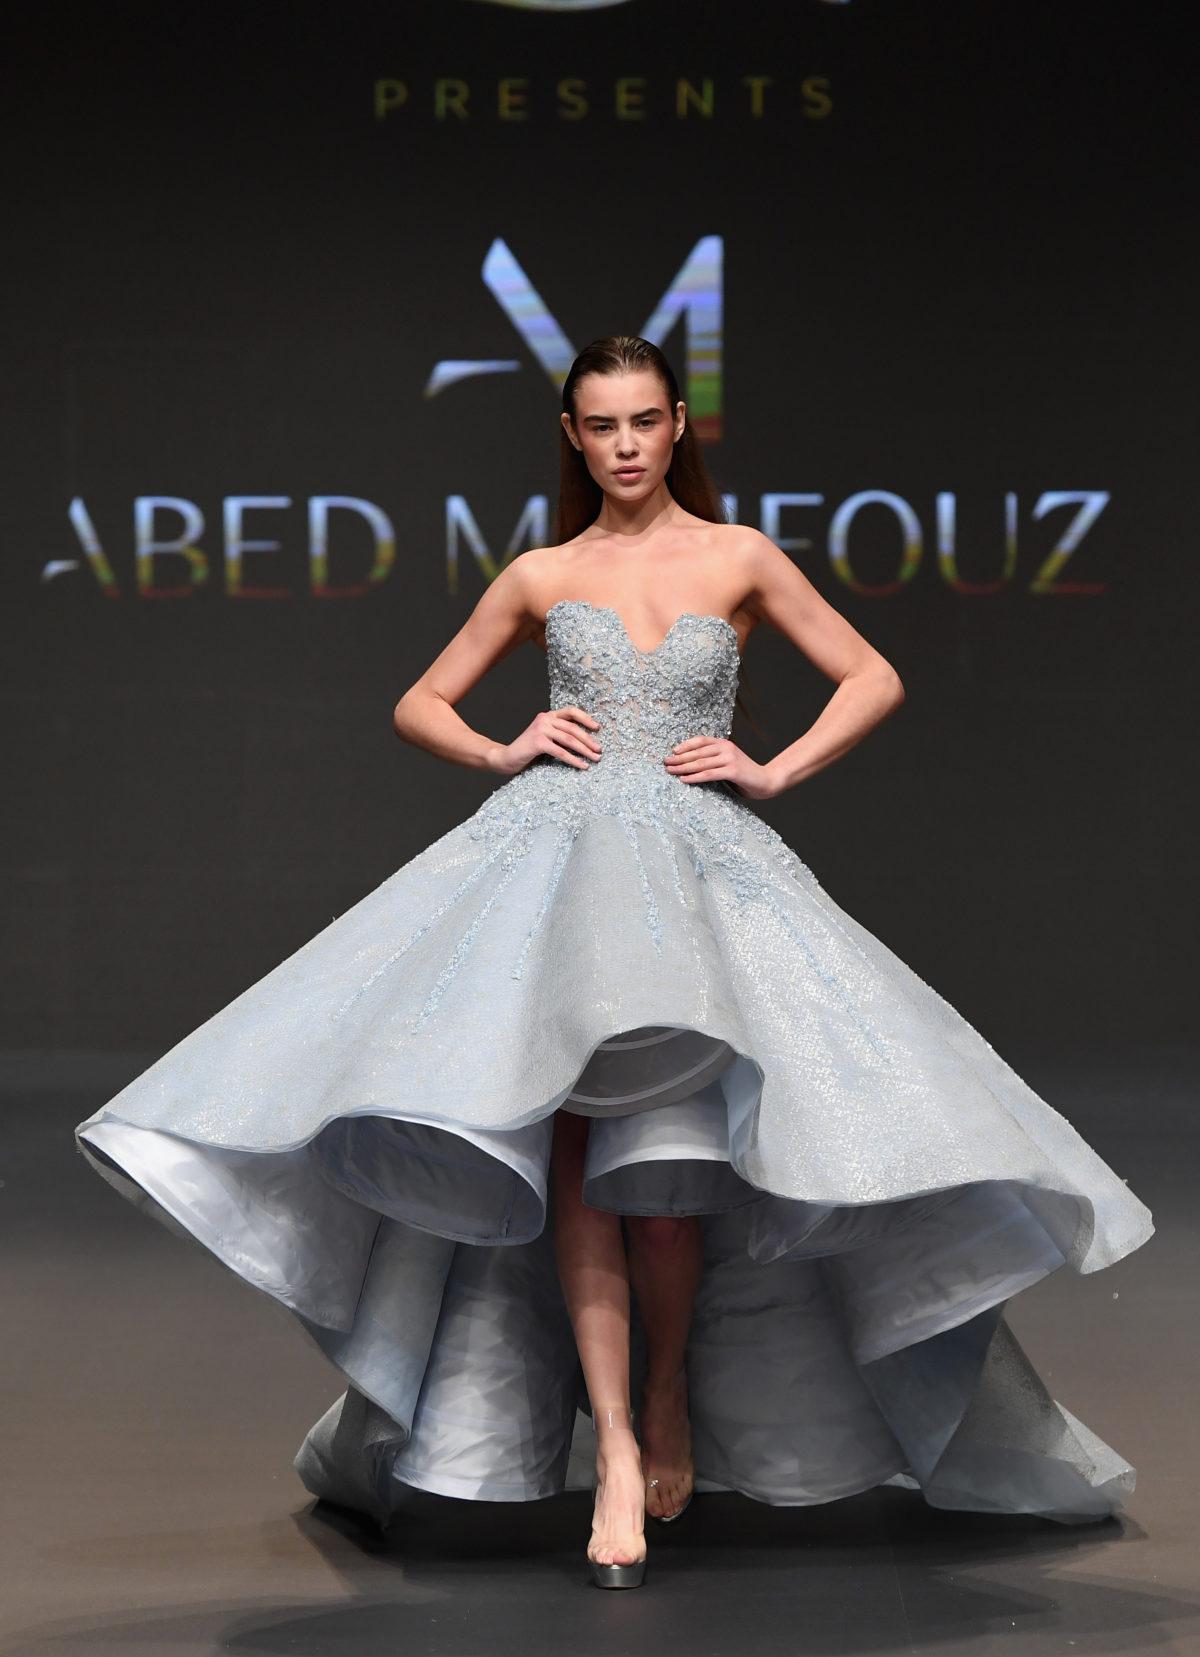 Abed-Mahfouz-theluxediary-the-luxe-diary-fashion-forward-dubai-ffwddxb